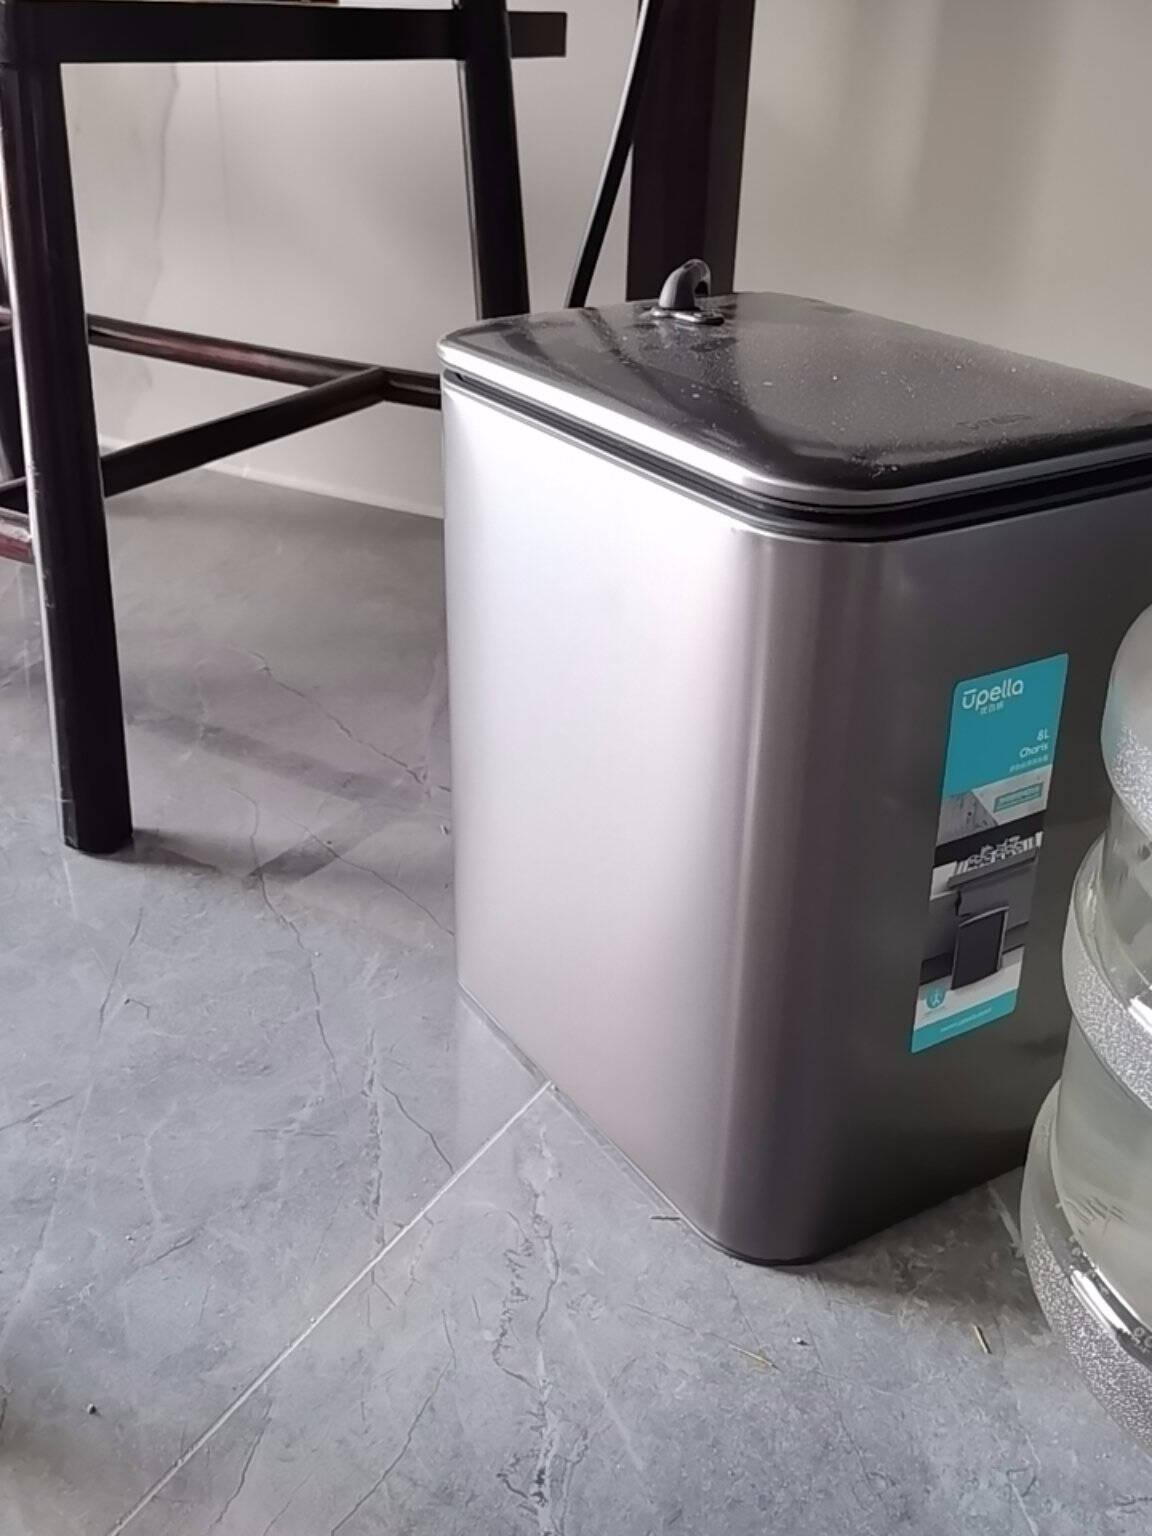 UPELLA优百纳家用不锈钢茶渣桶茶水桶茶叶垃圾桶带茶盘茶具配件带滤网排水管茶怡系列8L山脉灰